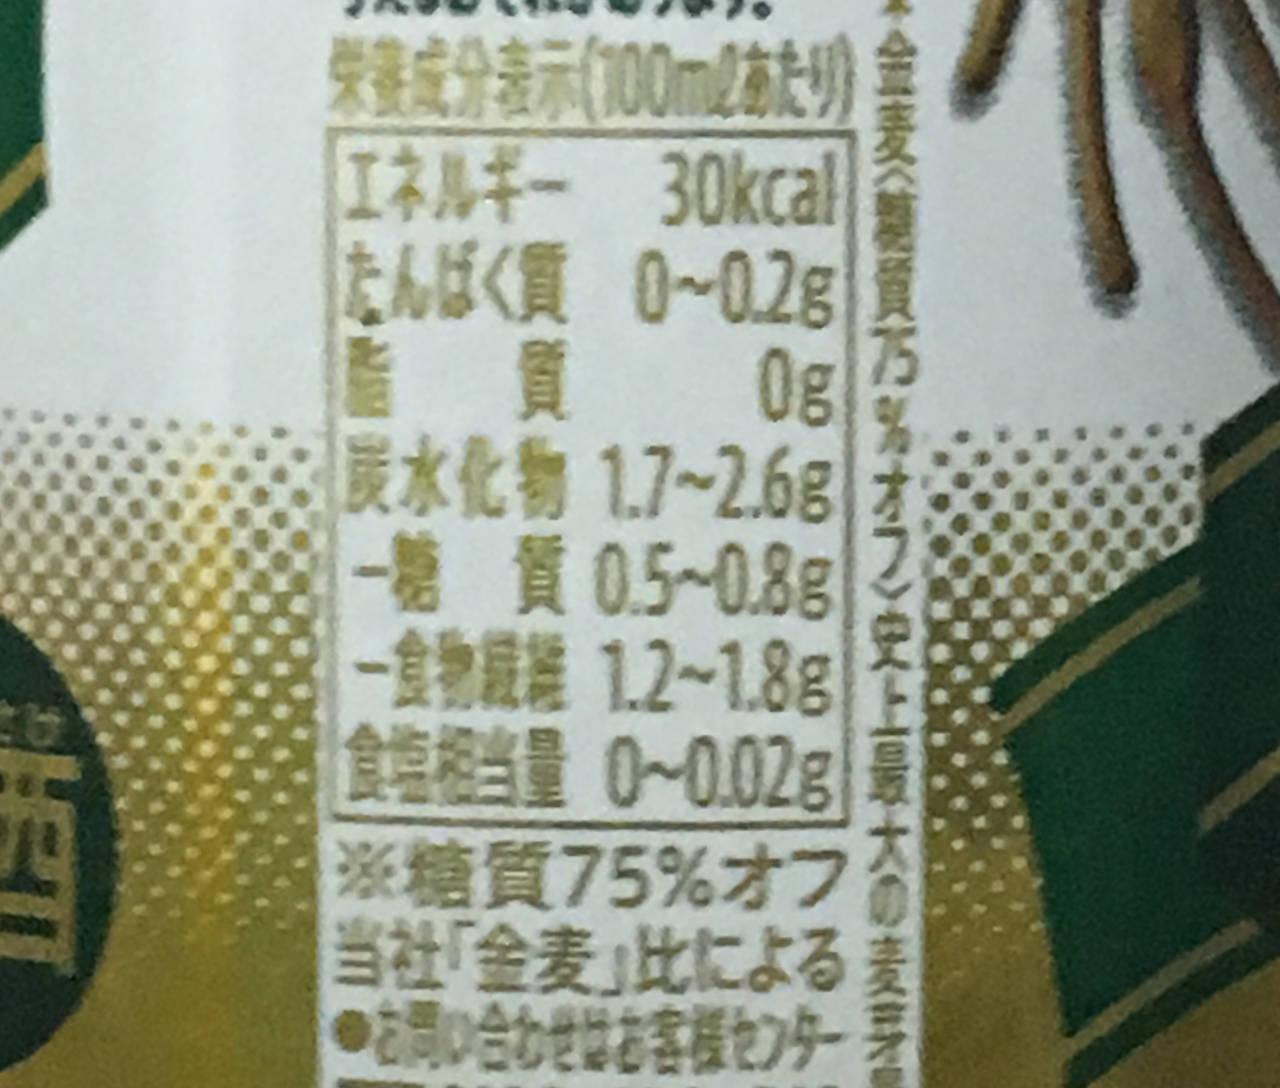 栄養成分表示:金麦〈糖質75%オフ〉 発泡酒|サントリー